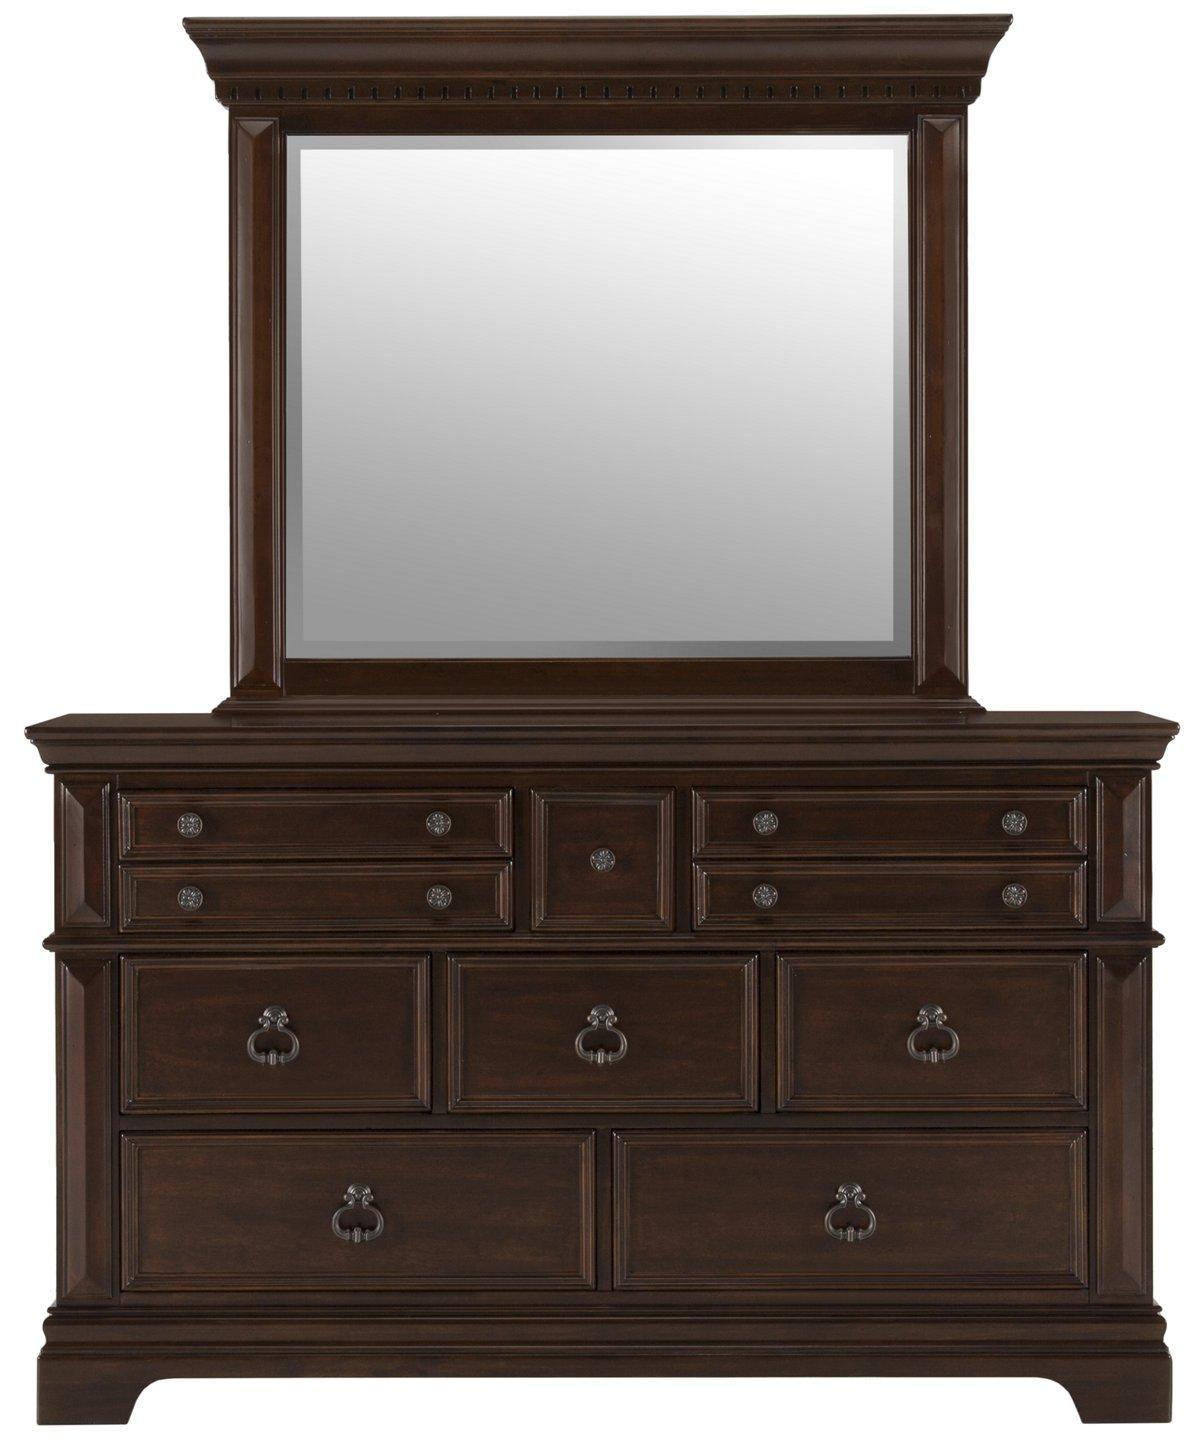 Emerson Dark Tone Wood Dresser & Mirror